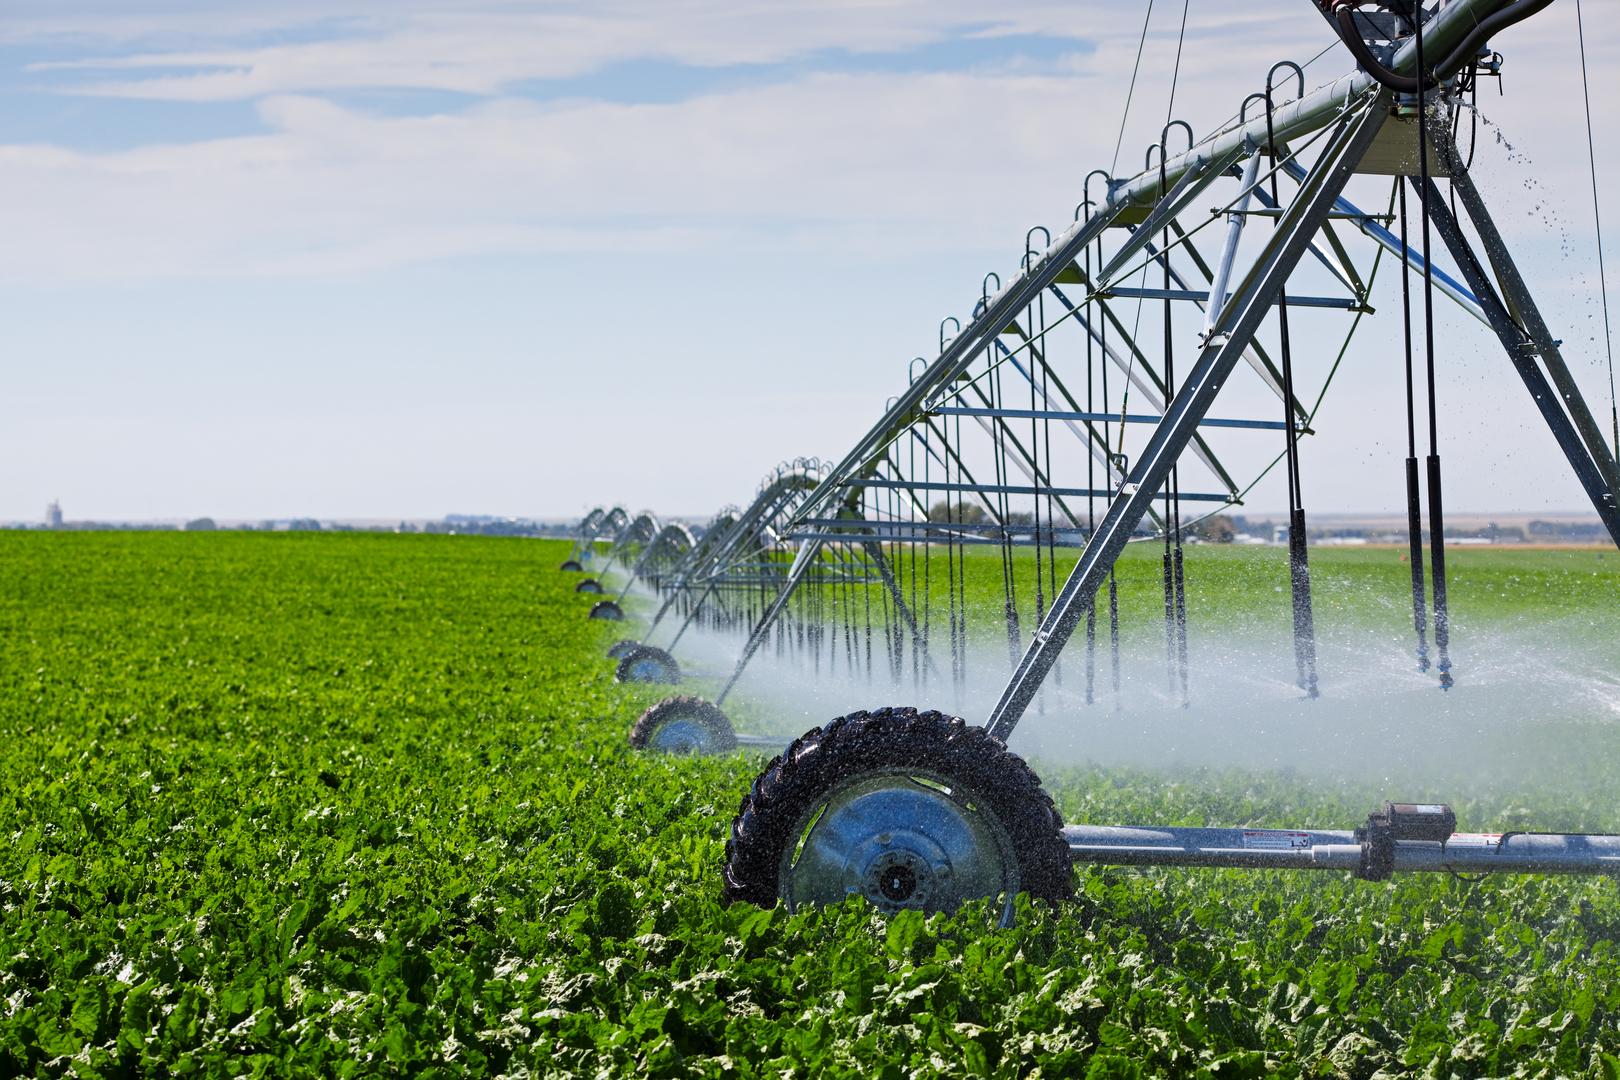 Через 1,5 года площадь орошаемых земель в Казахстане планируется увеличить до 2 млн га